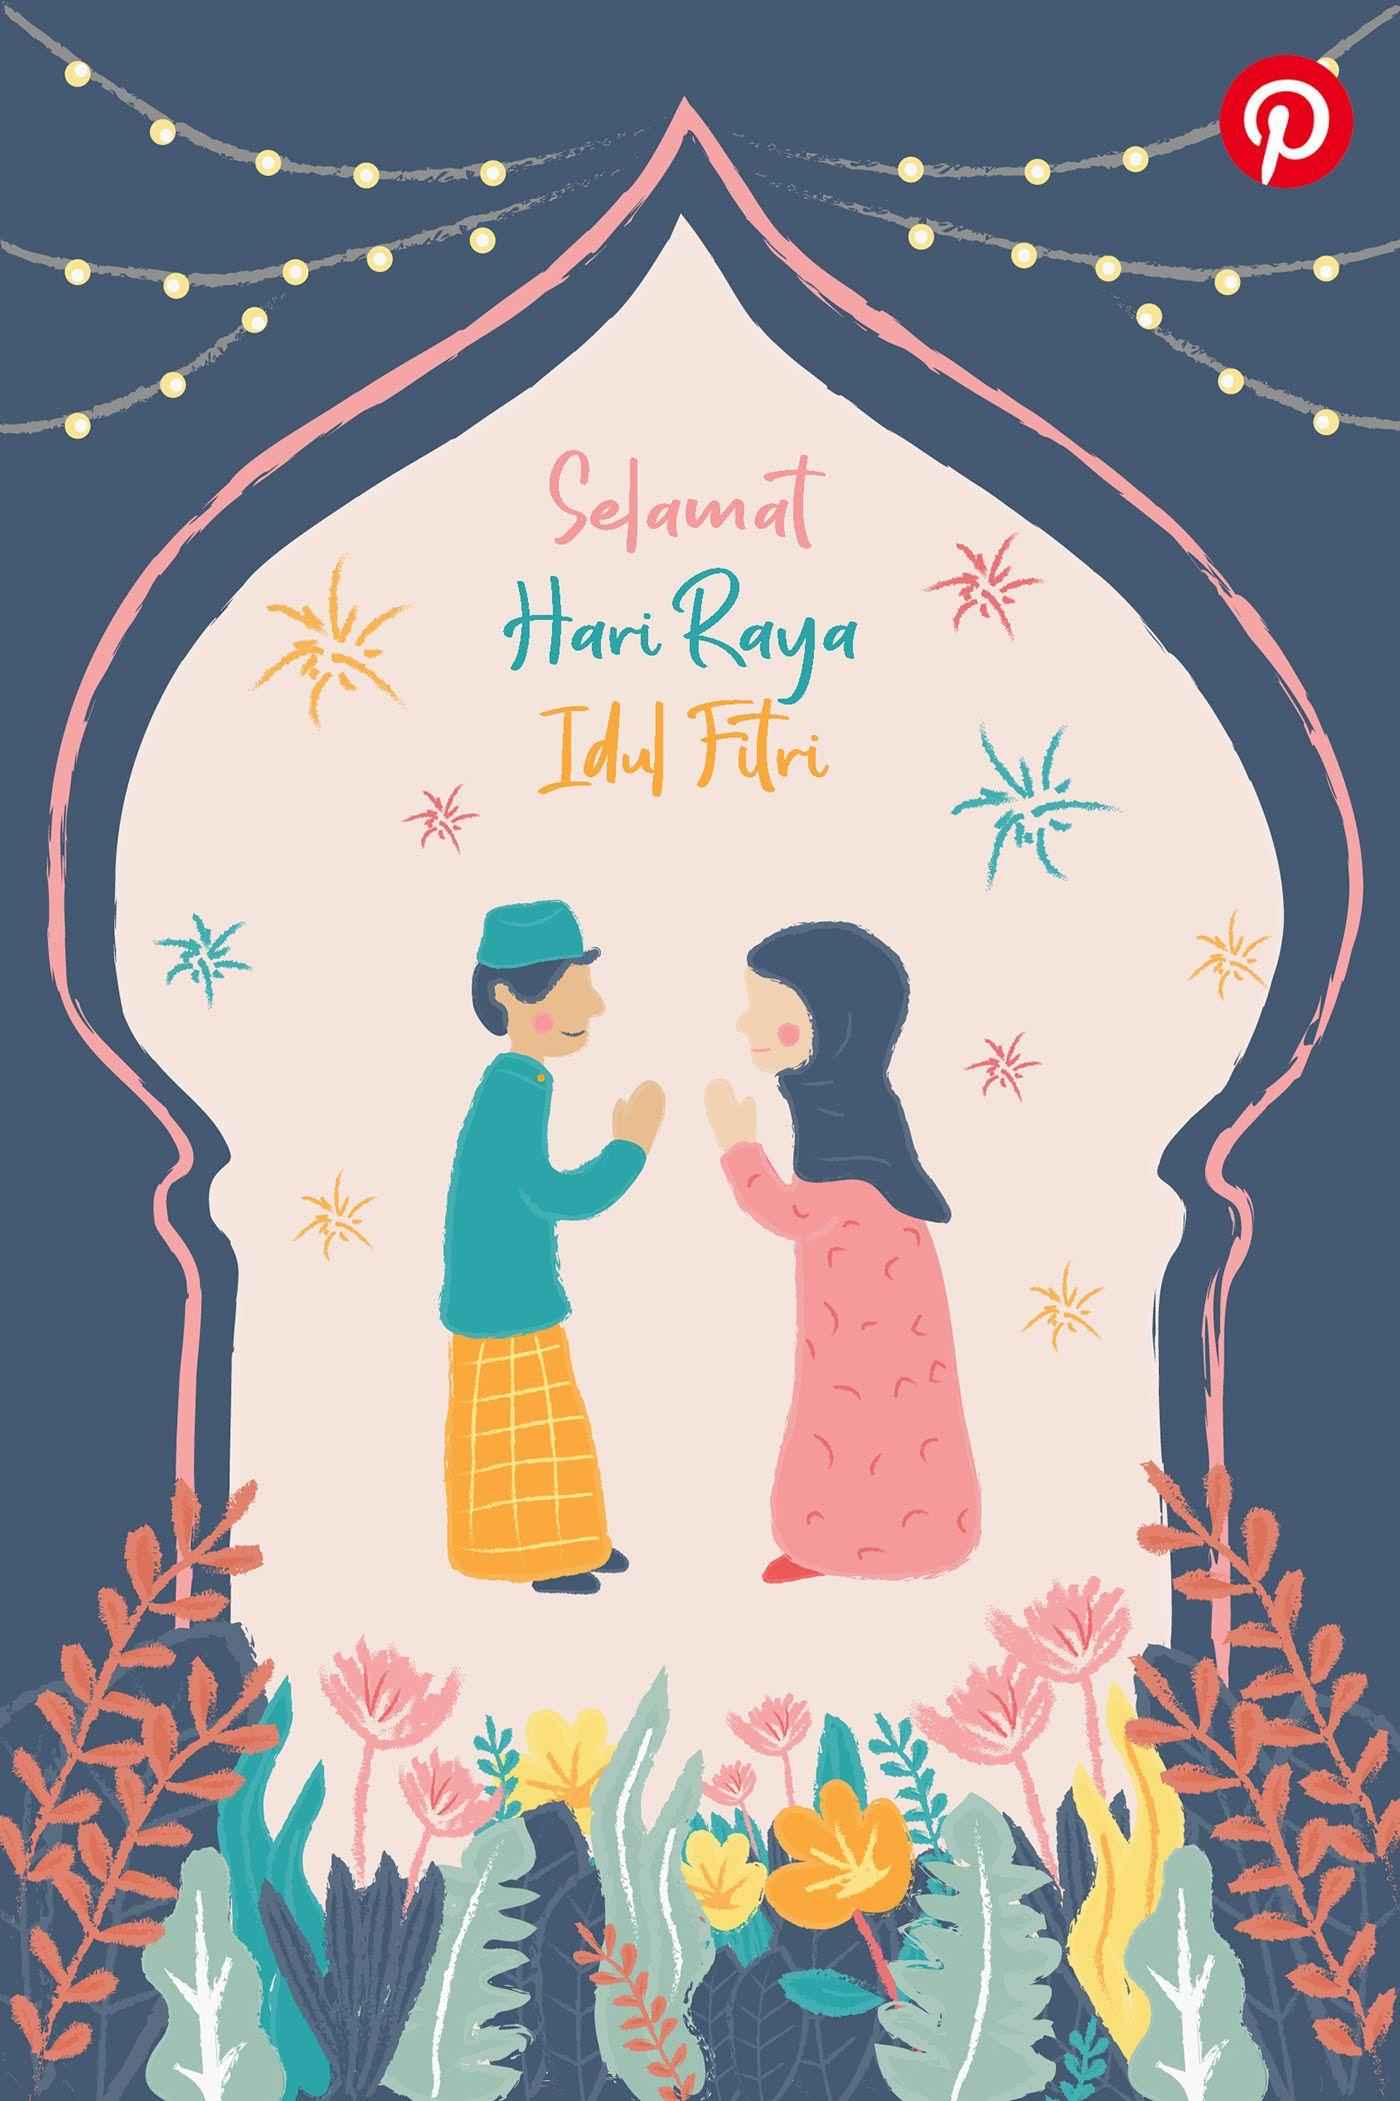 Kad Ucapan Hari Raya Dalam Bahasa Jawi Selamat Hari Raya 2021 Apps On Google Play Jangan Lupa Untuk Sampaikan Salam Ramadhan Anda